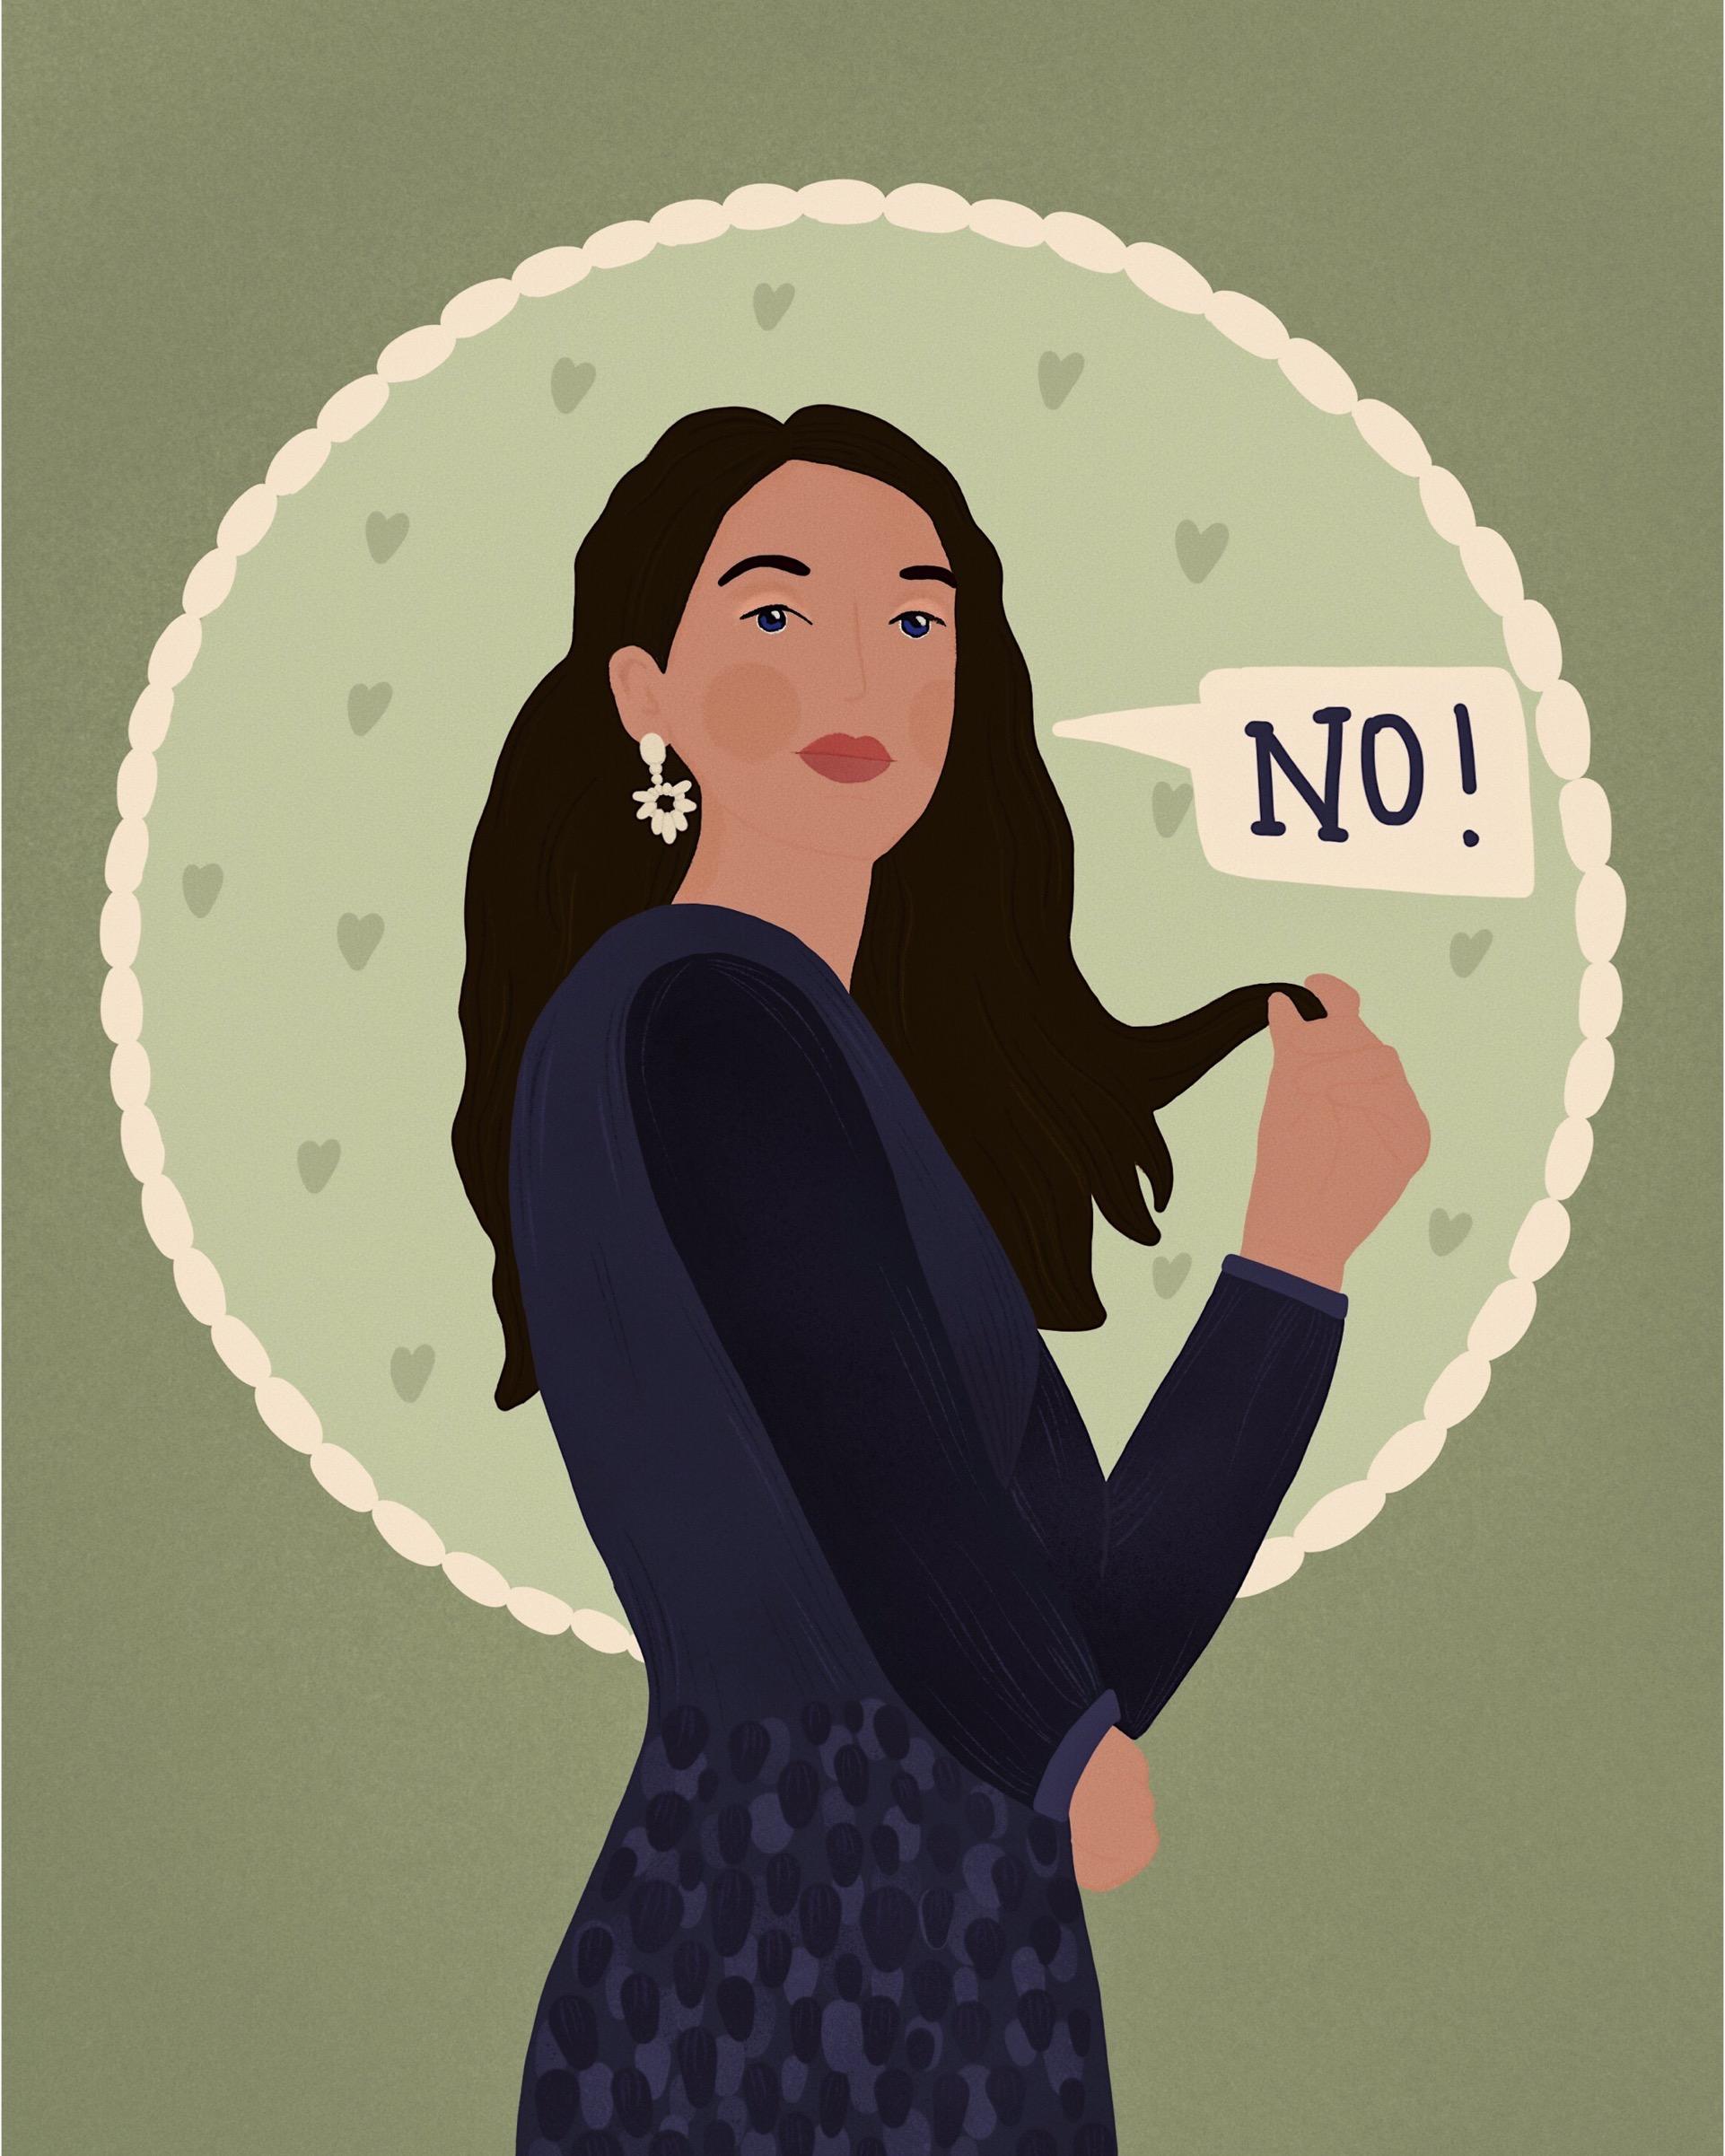 illustration-no